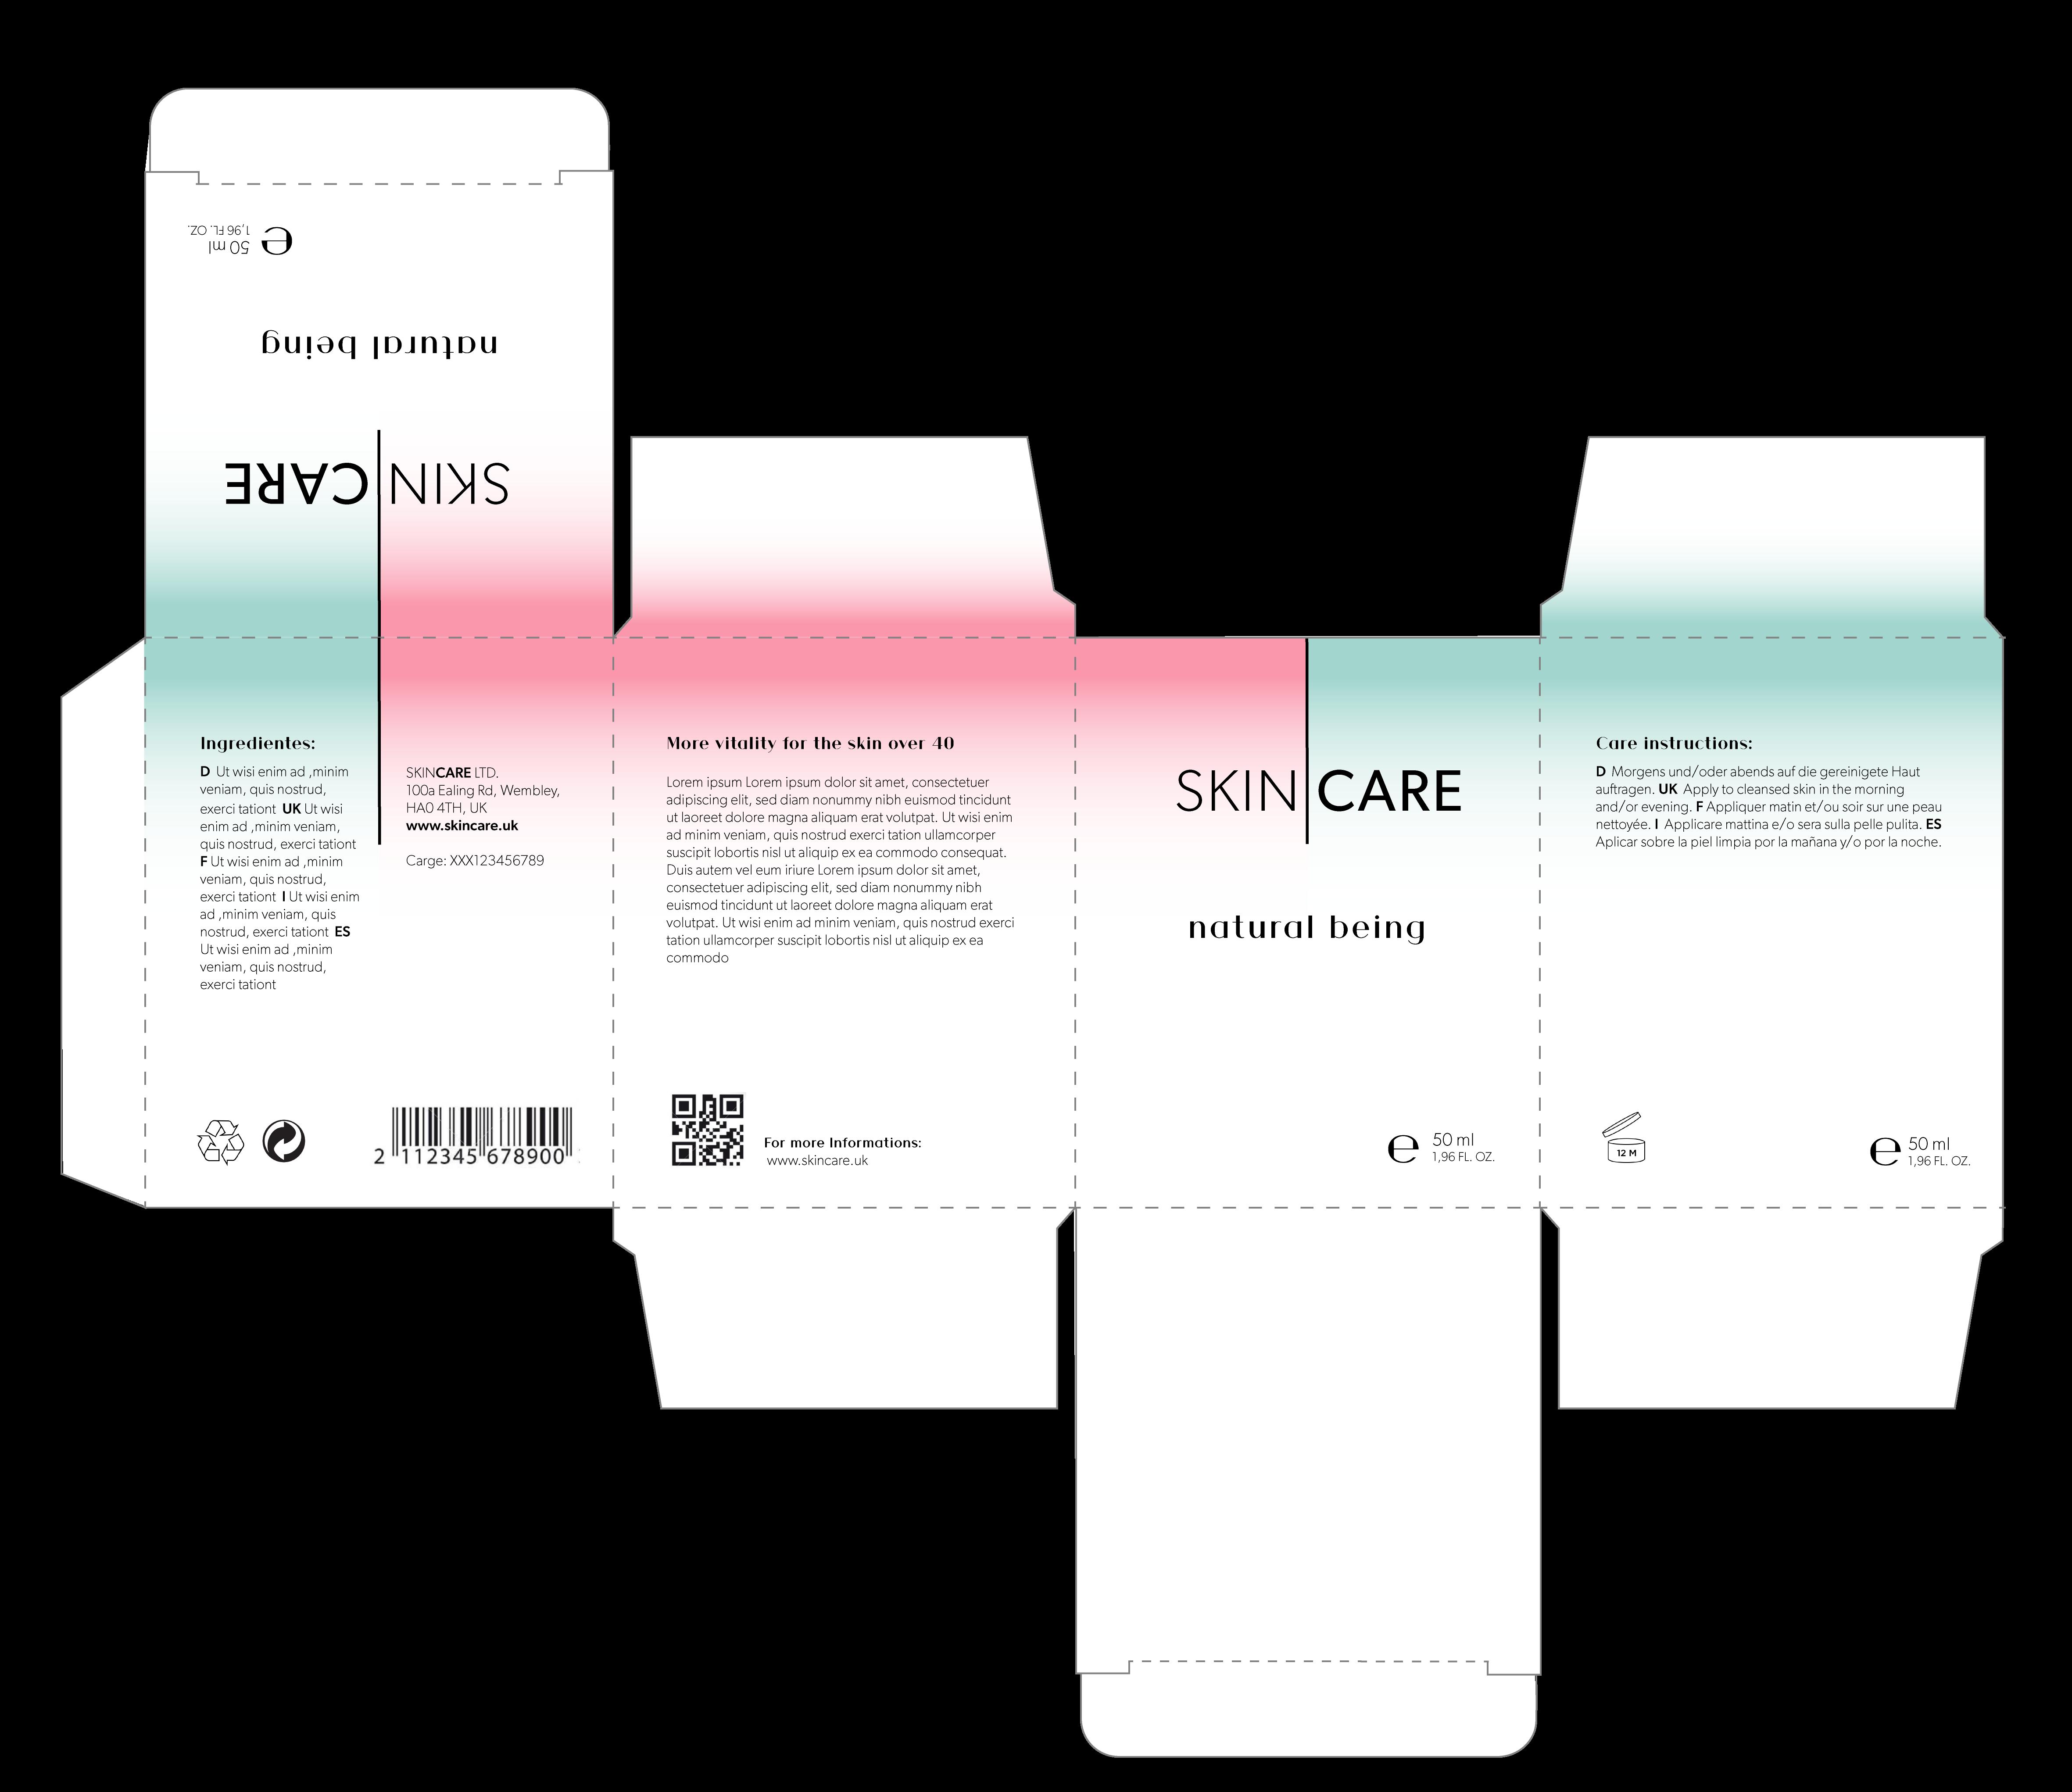 Produktdesign, Packaging, Stanze, 3D-Model, Dieline, Konturline, Grafikdesign, München,  Bayern